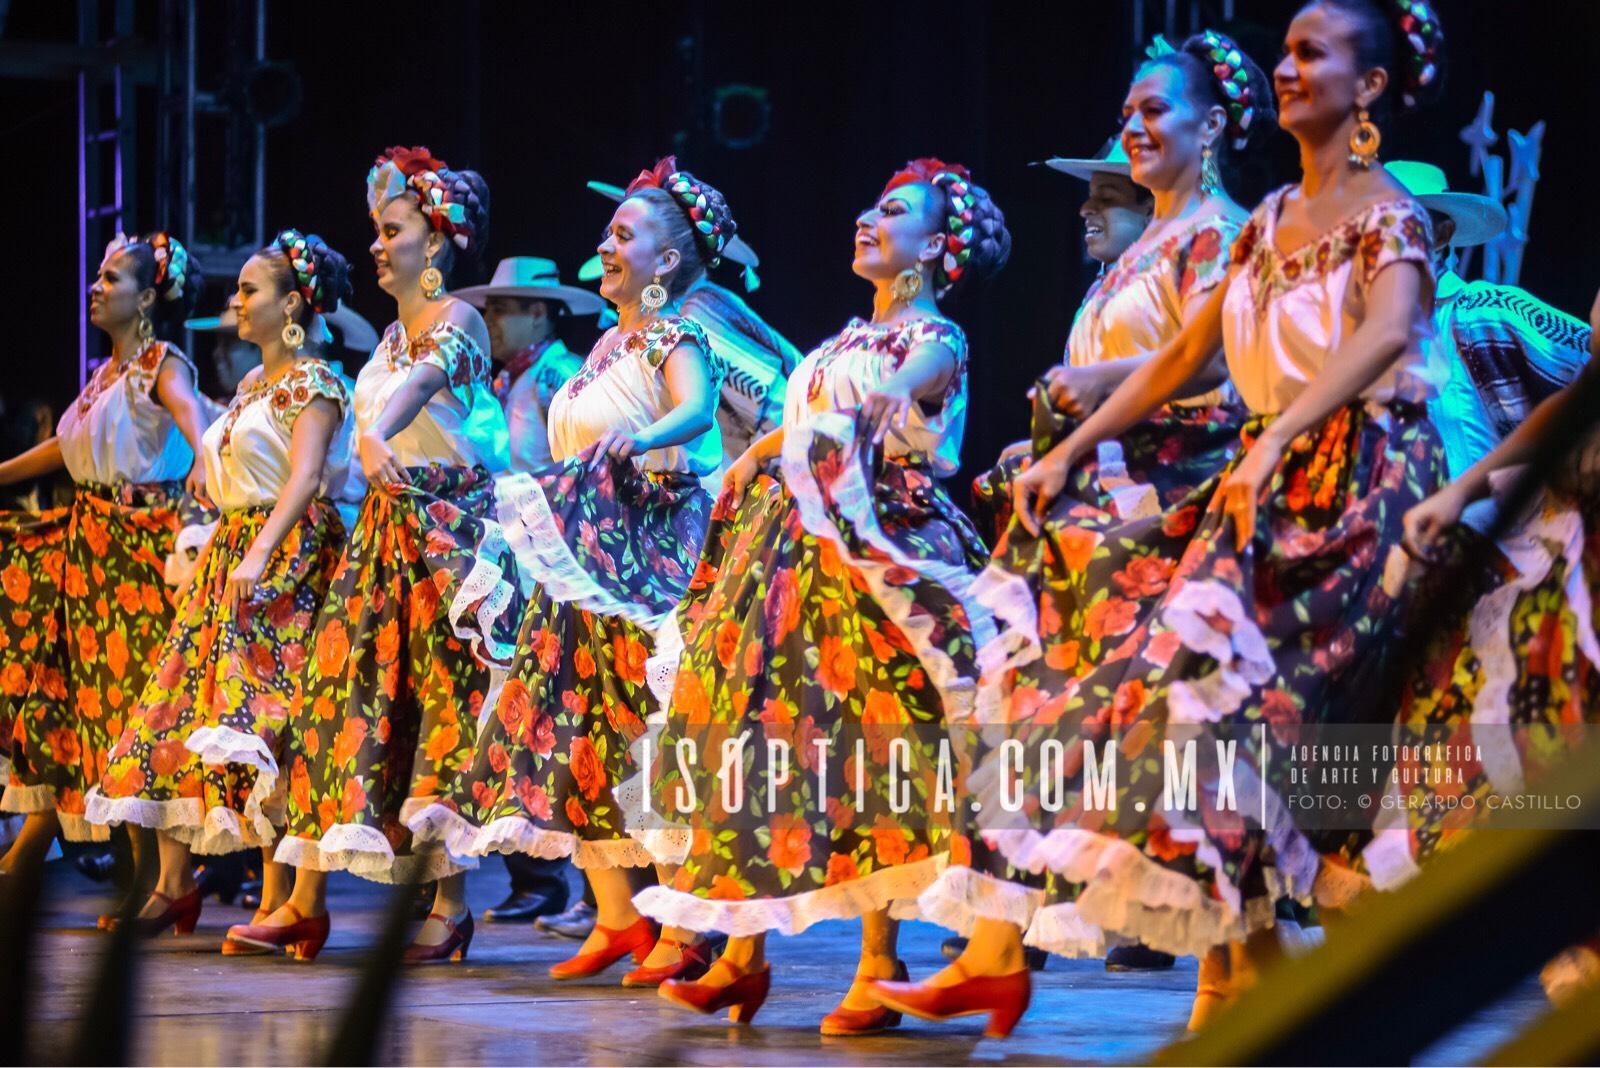 Ballet_FolcloricoEdoMex_Foto-GerardoCastillo-ISOPTICA_IMG_2657